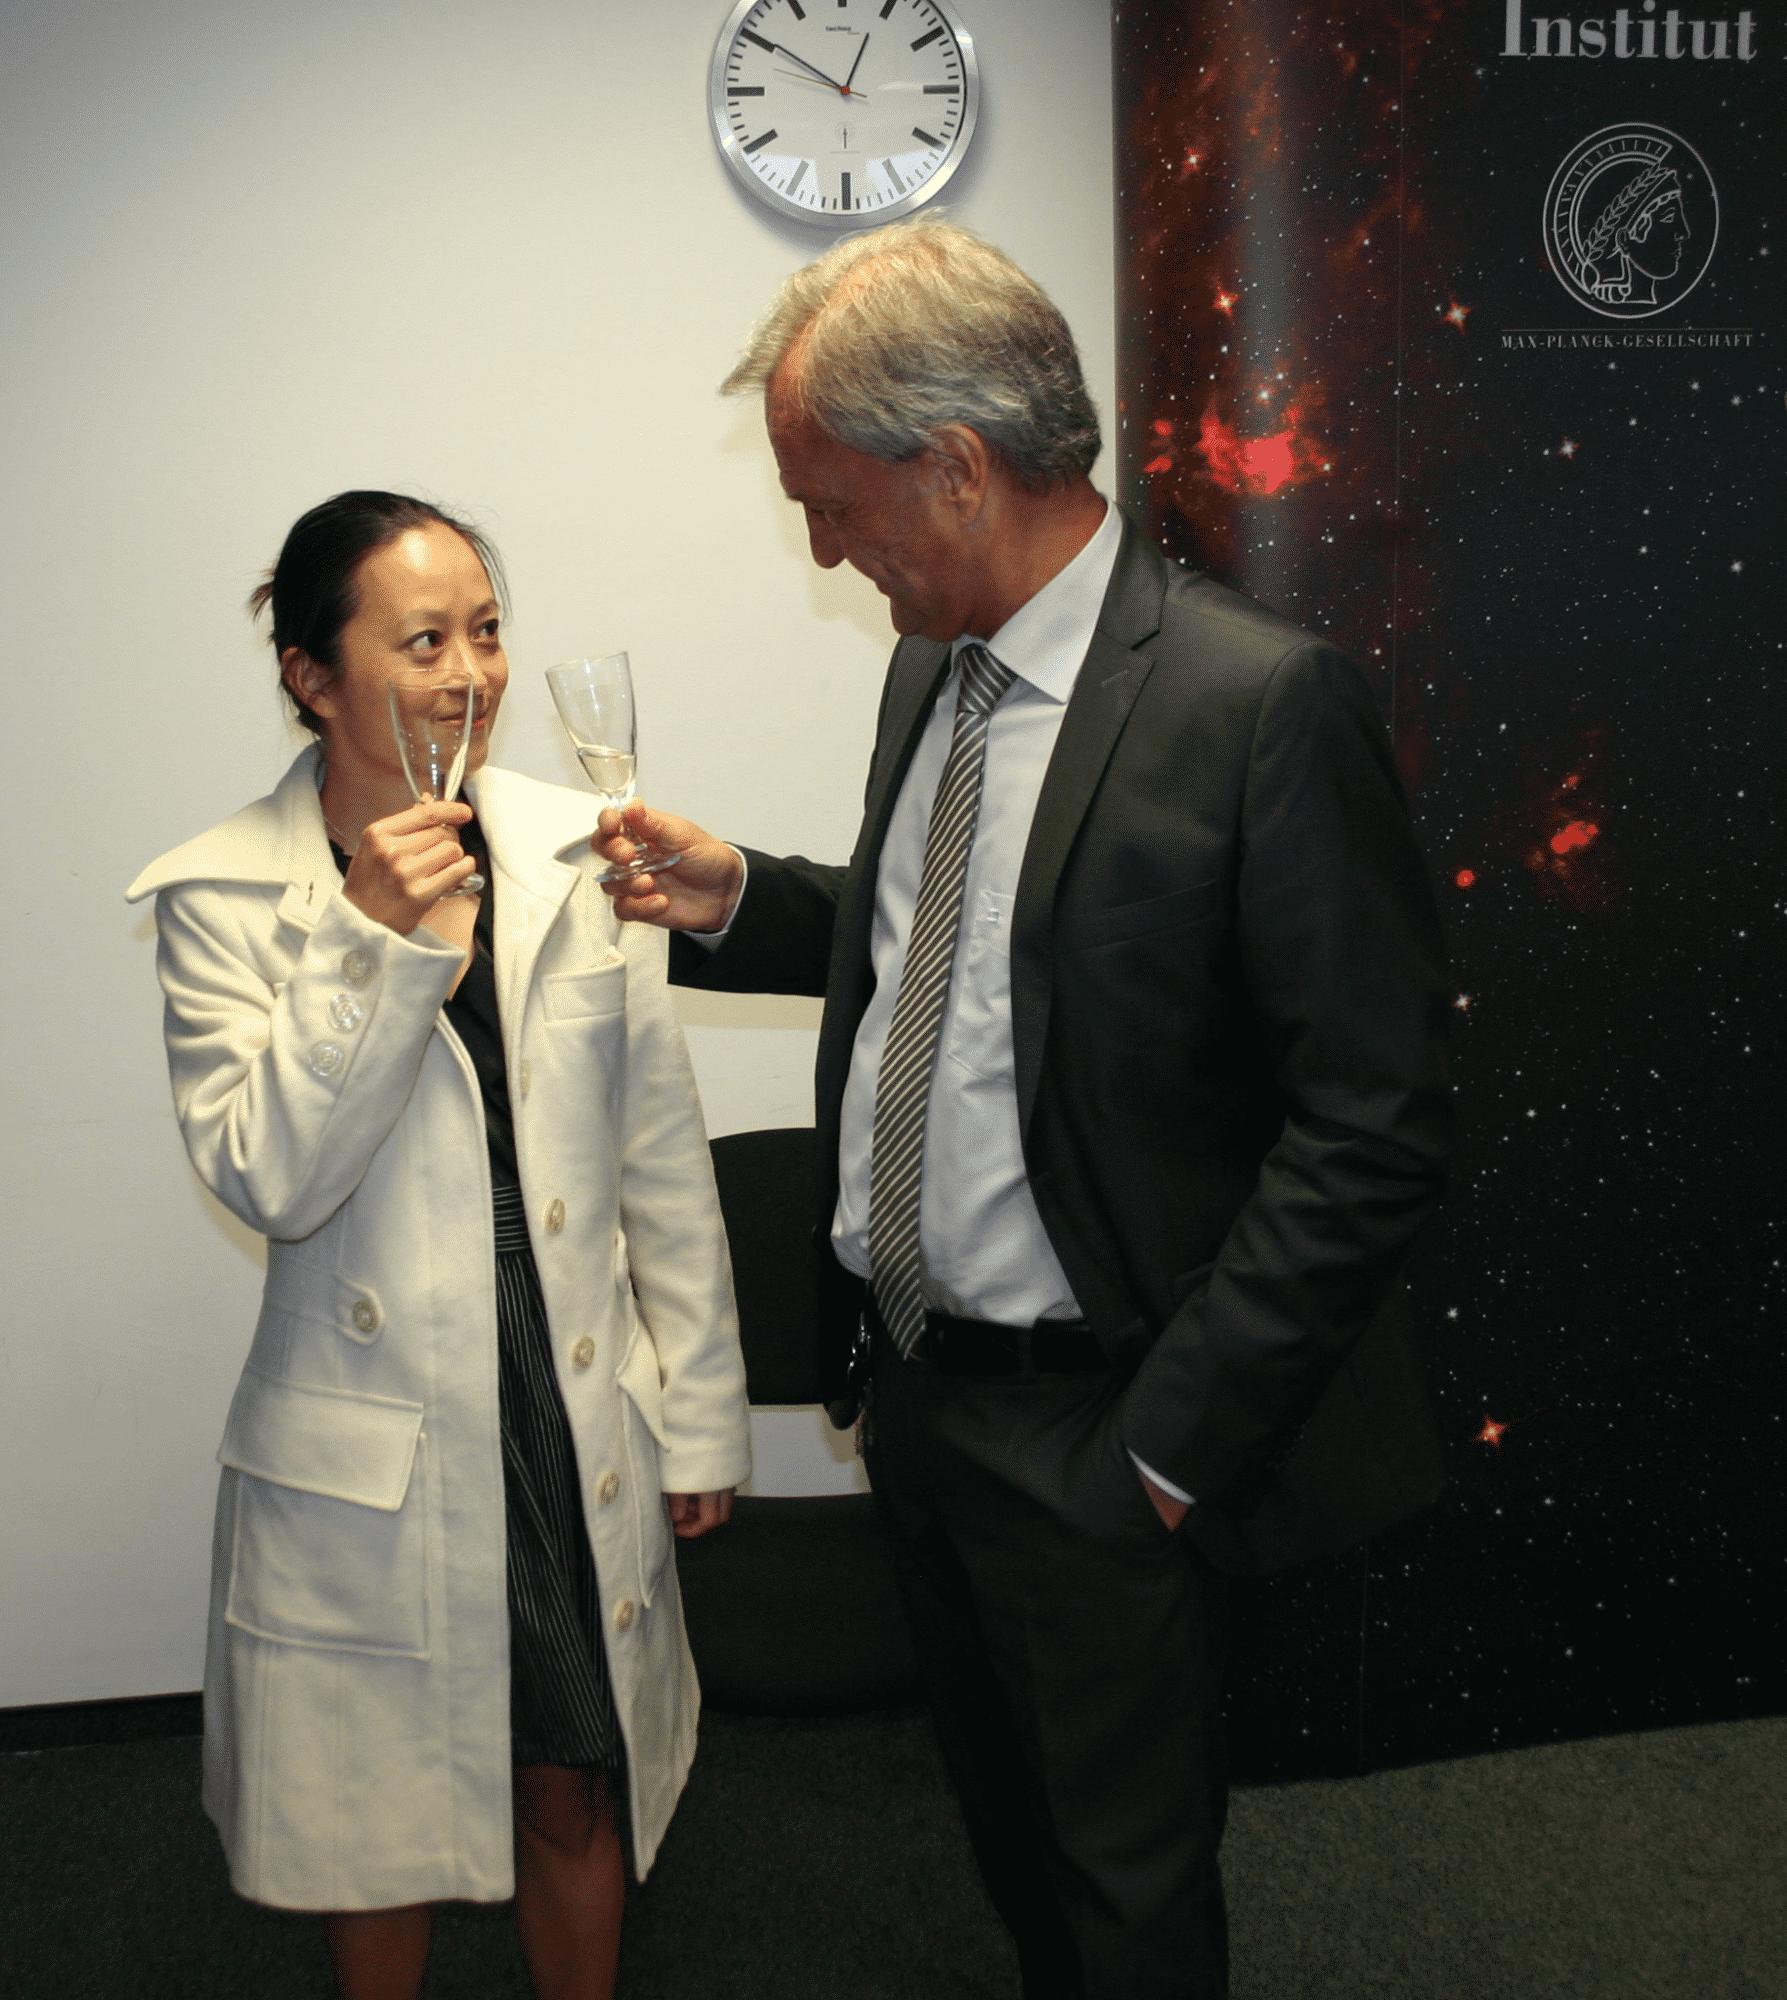 Entspannung nach dem Event bei einem Glas Sekt: Prof. Danzmann mit Partnerin Dr Fumiko Kawazoe.